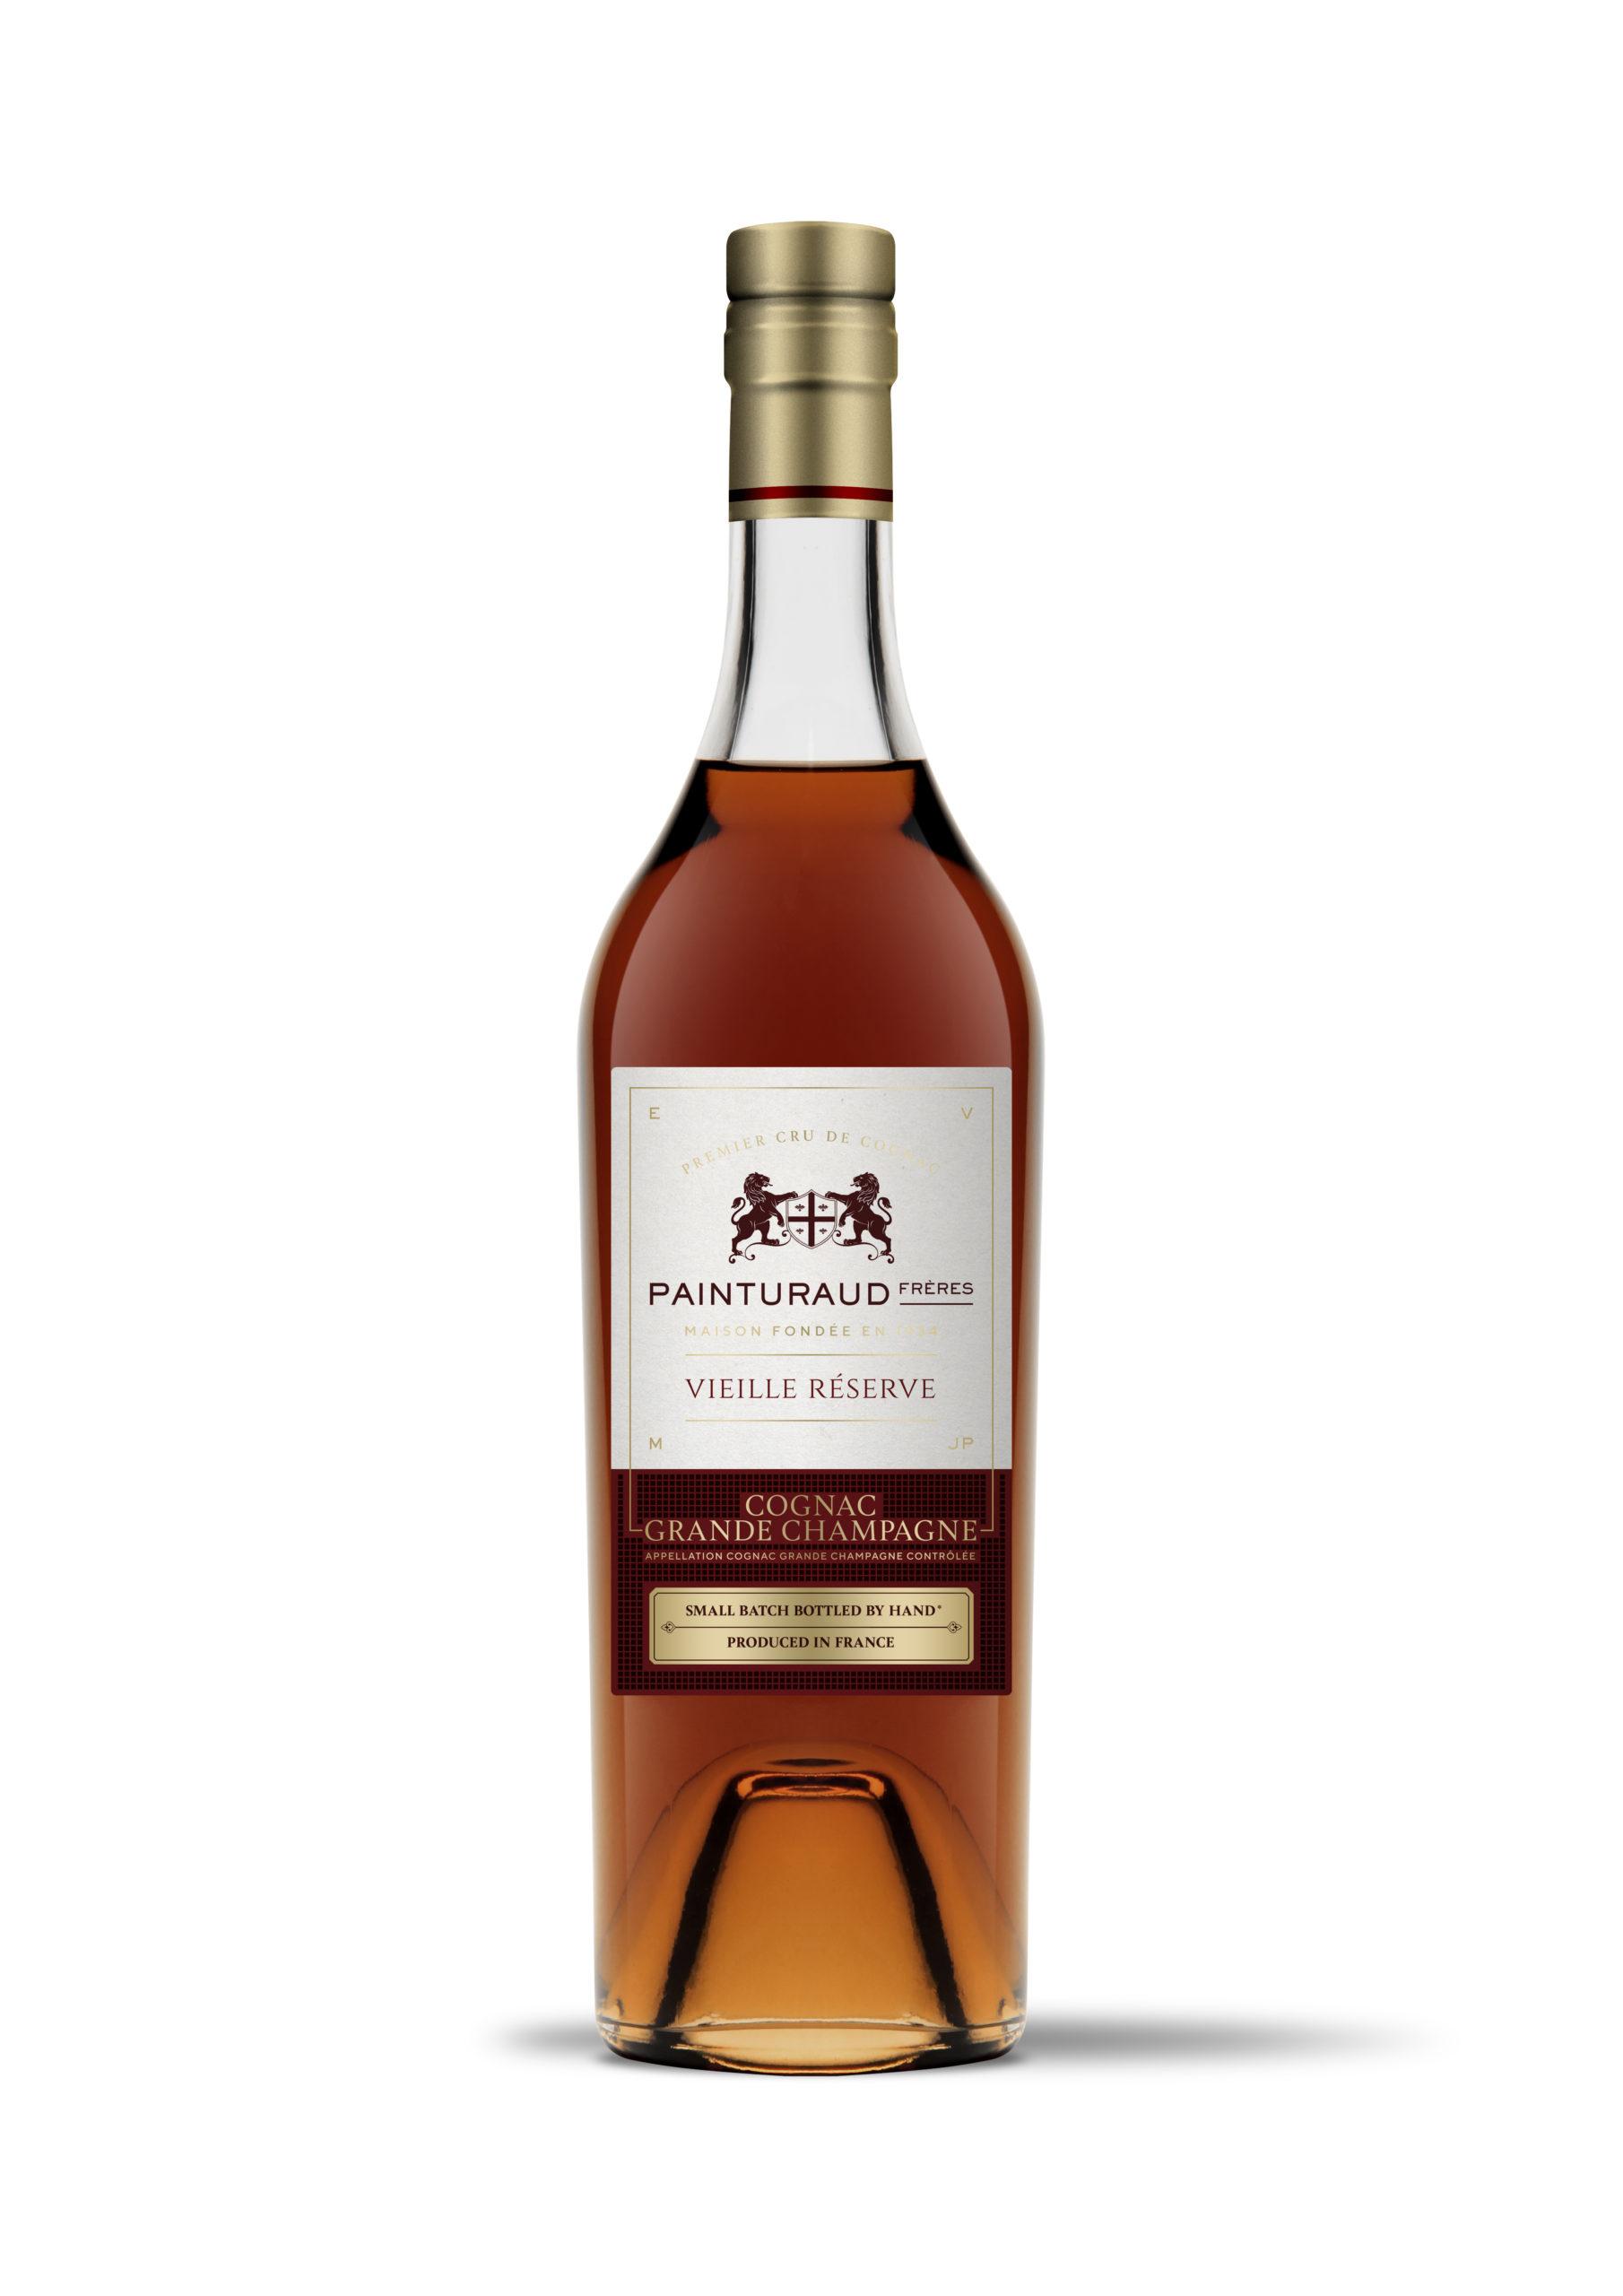 Cognac Vieille Réserve